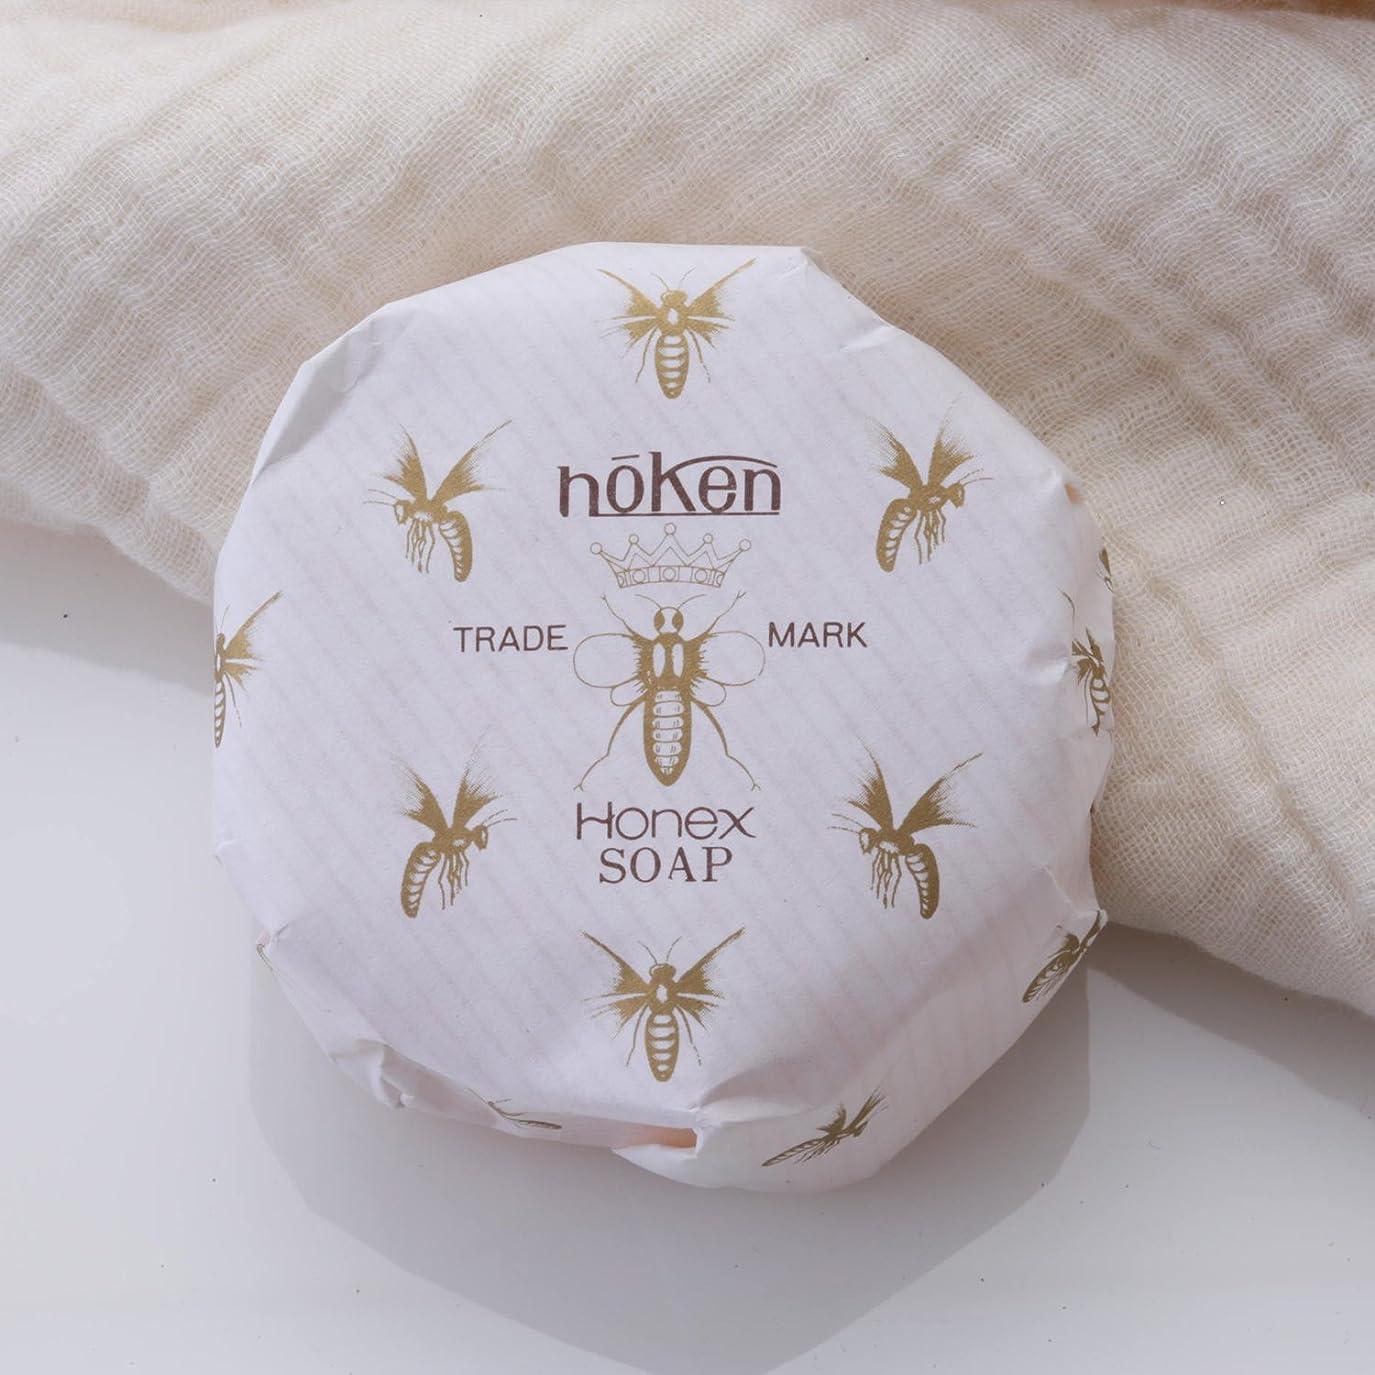 排除する一晩階下HOKEN/HONEYX ソープ 大